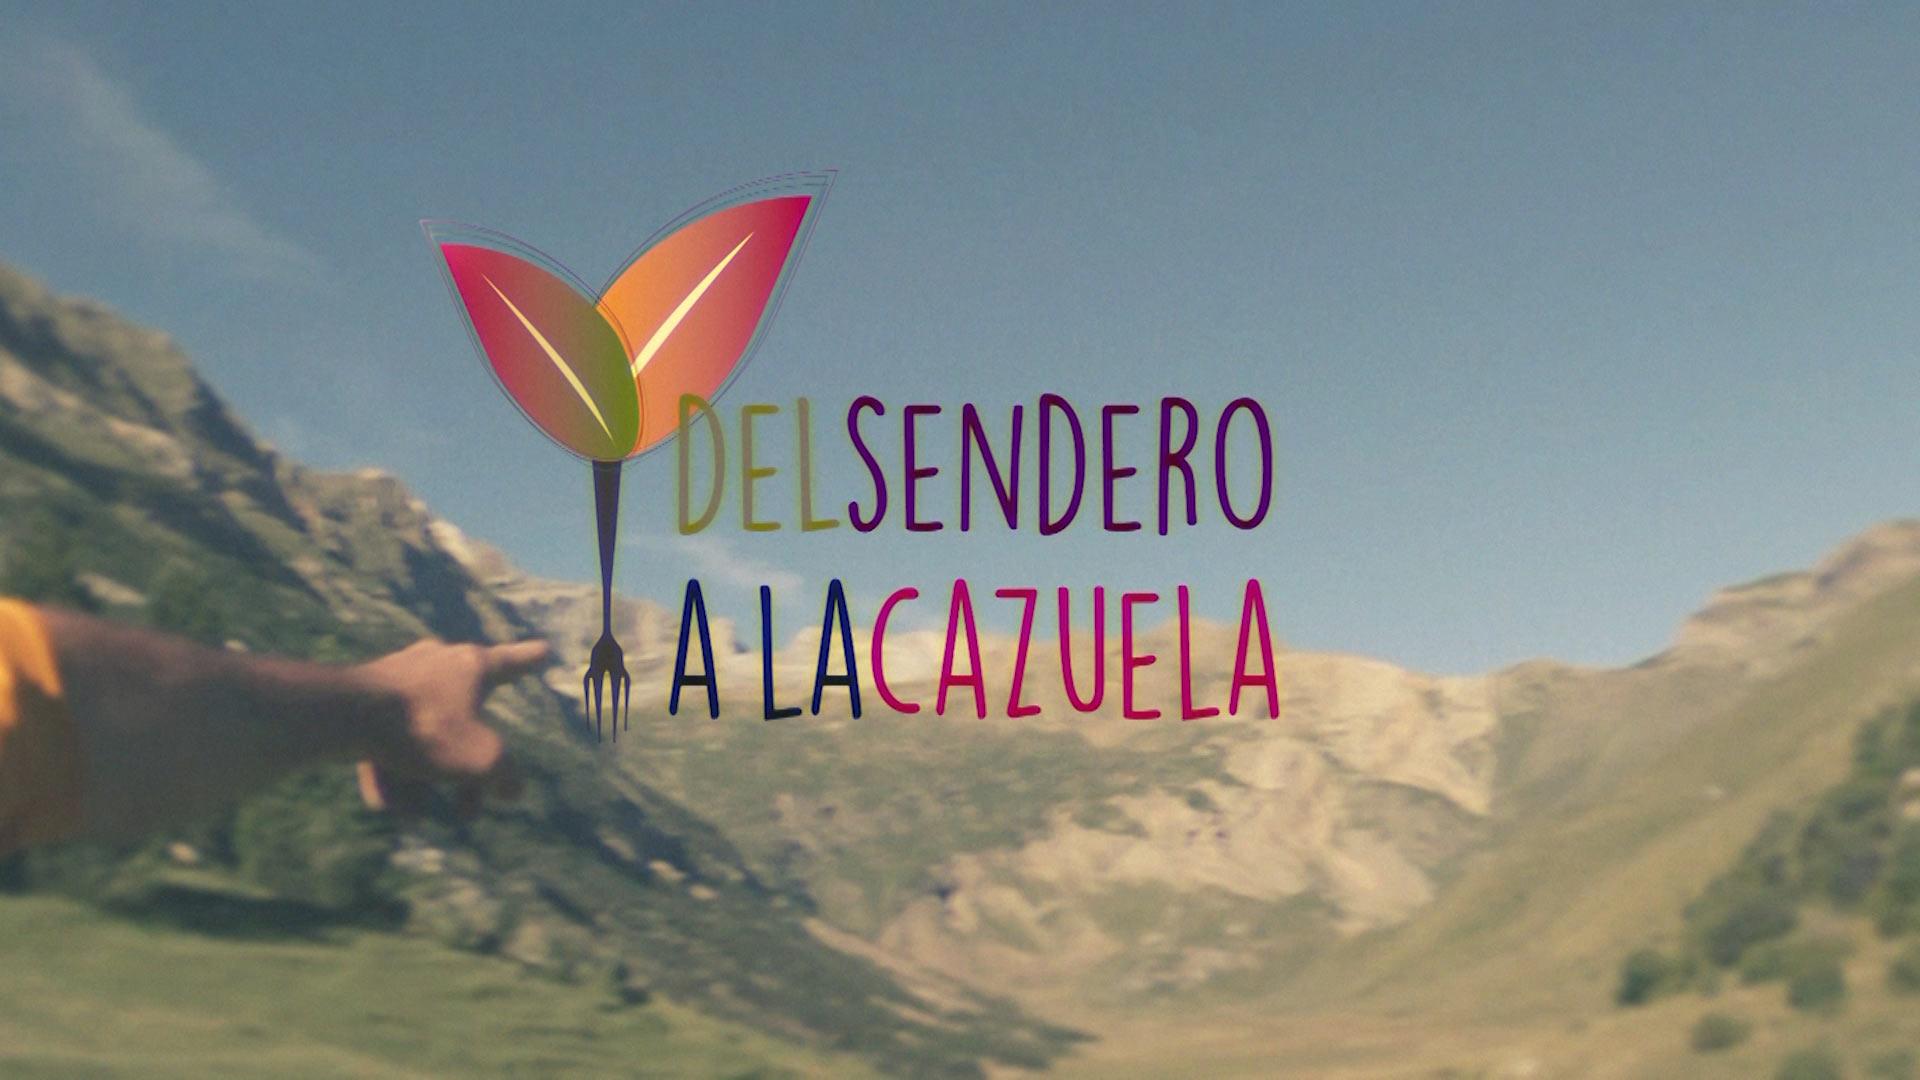 Imagen promocional Del Sendero a la Cazuela